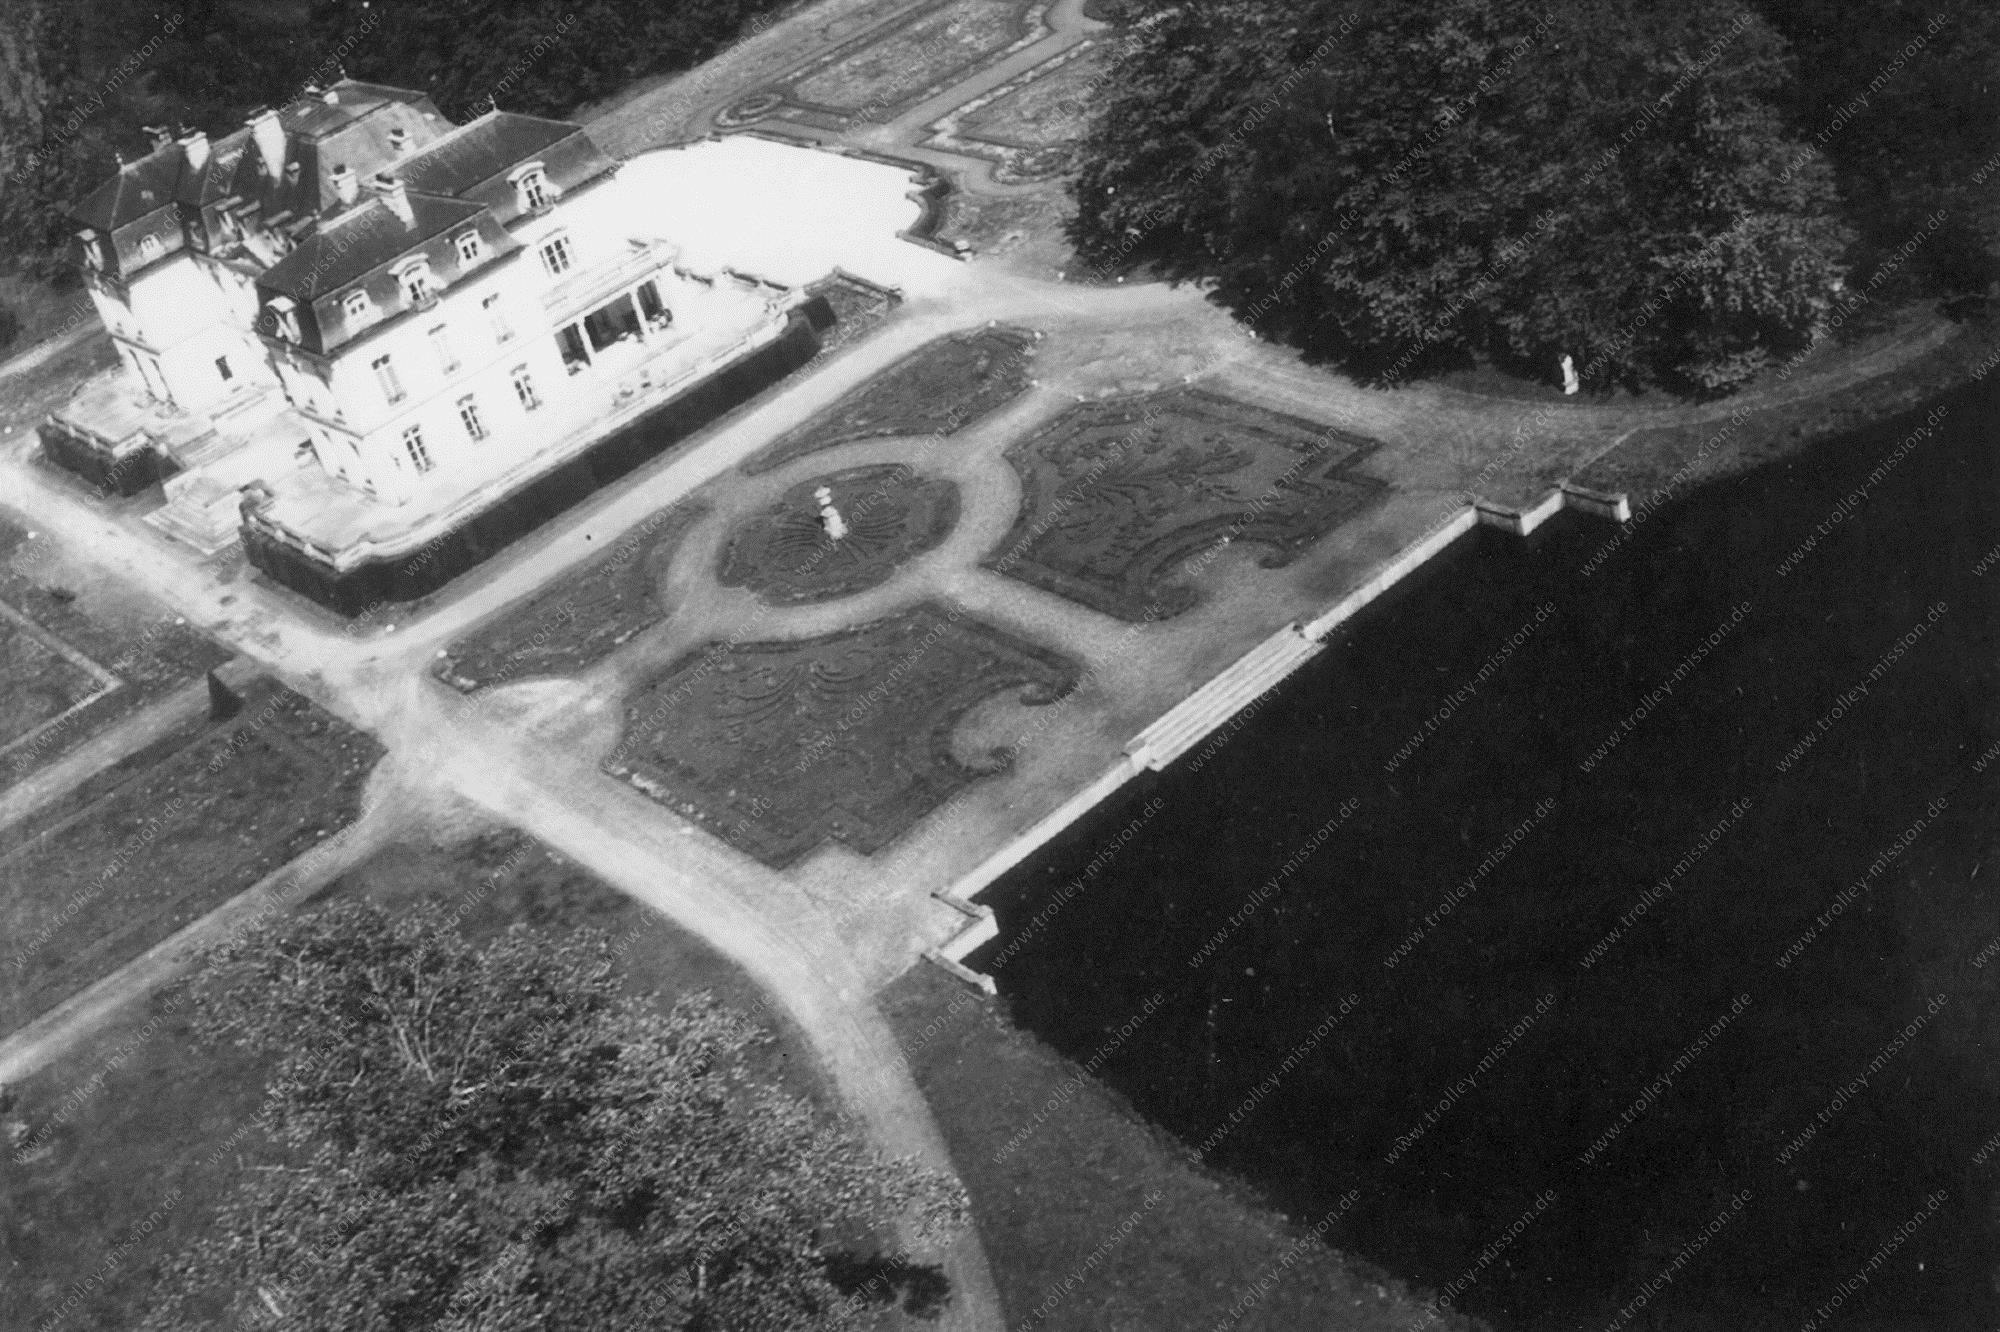 Kasteel de Breidels in Oostkamp - Luchtopname uit de Tweede Wereldoorlog van mei 1945